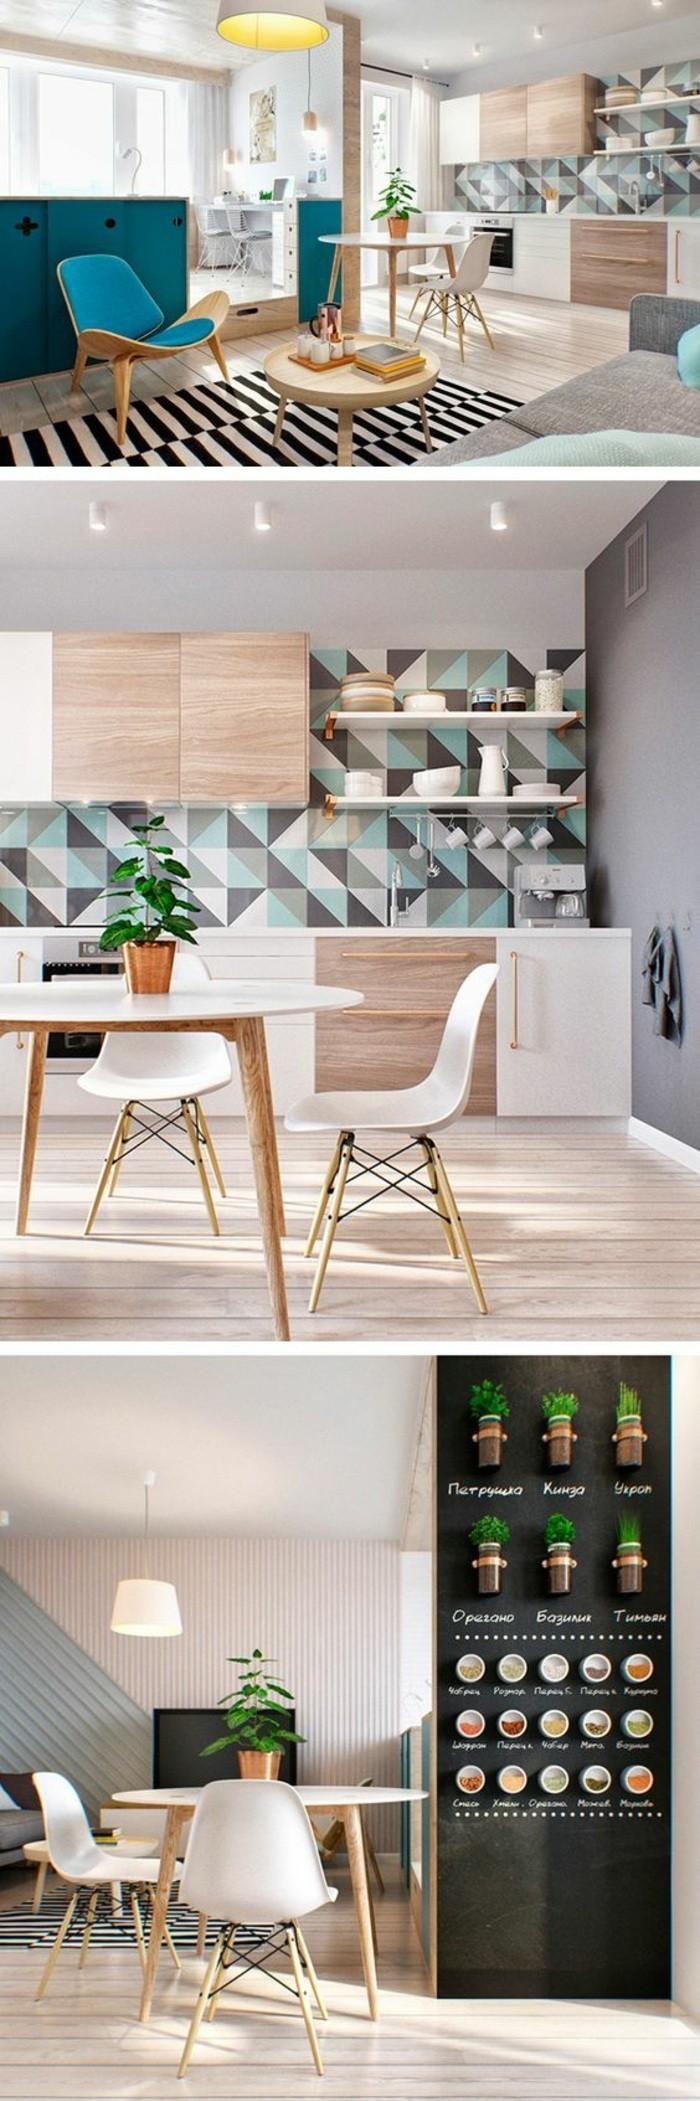 10-küche-dekorieren-tisch-stühle-wanddeko-teppich-kräuter-lampe-pflanze-schwarze-wand